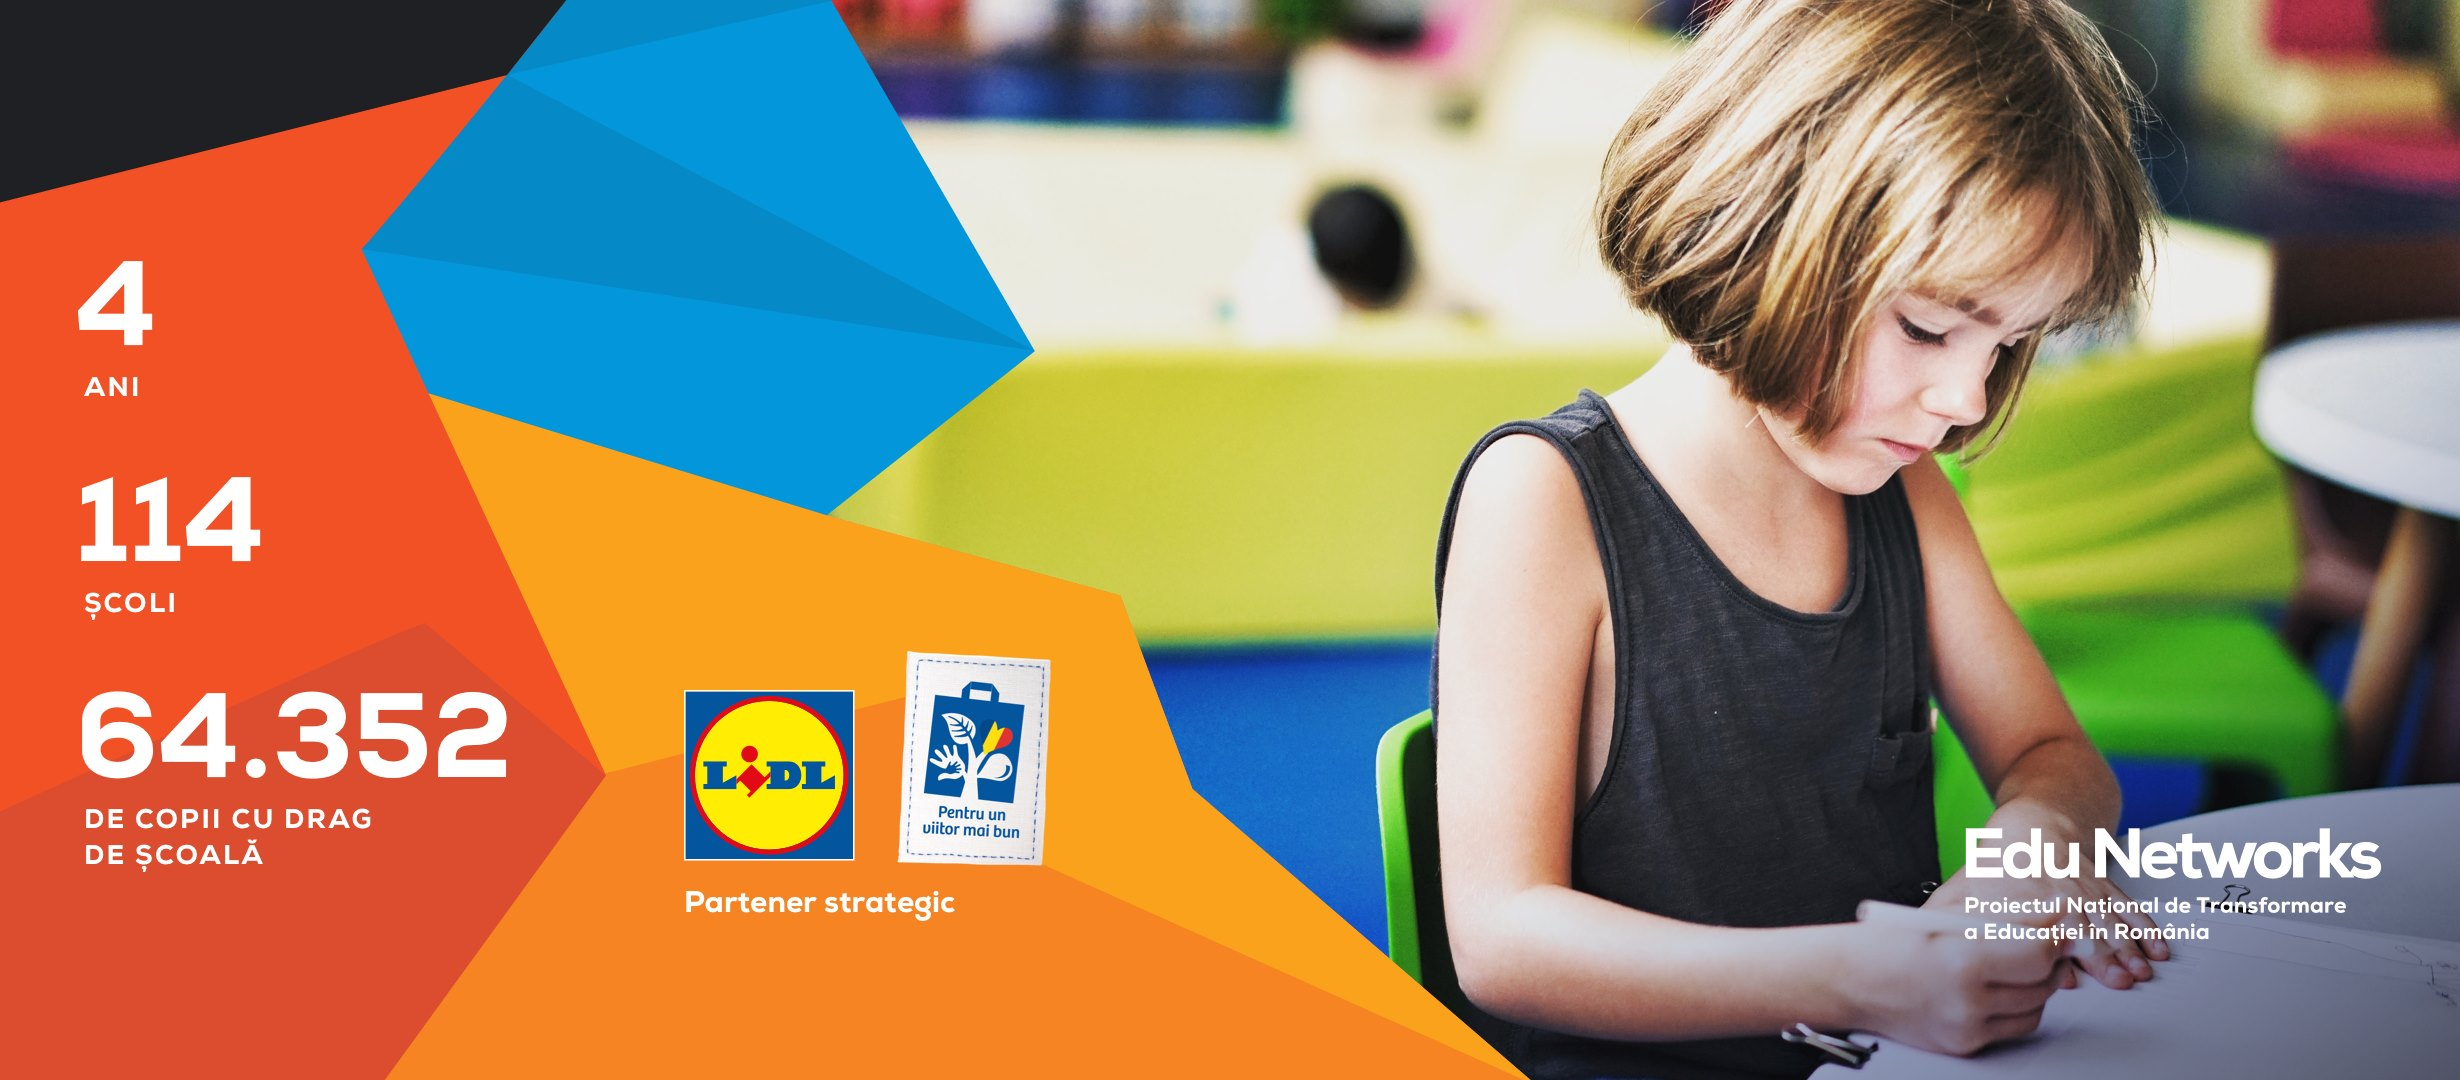 Edu Networks transformă educația pentru 260.000 de elevi din România